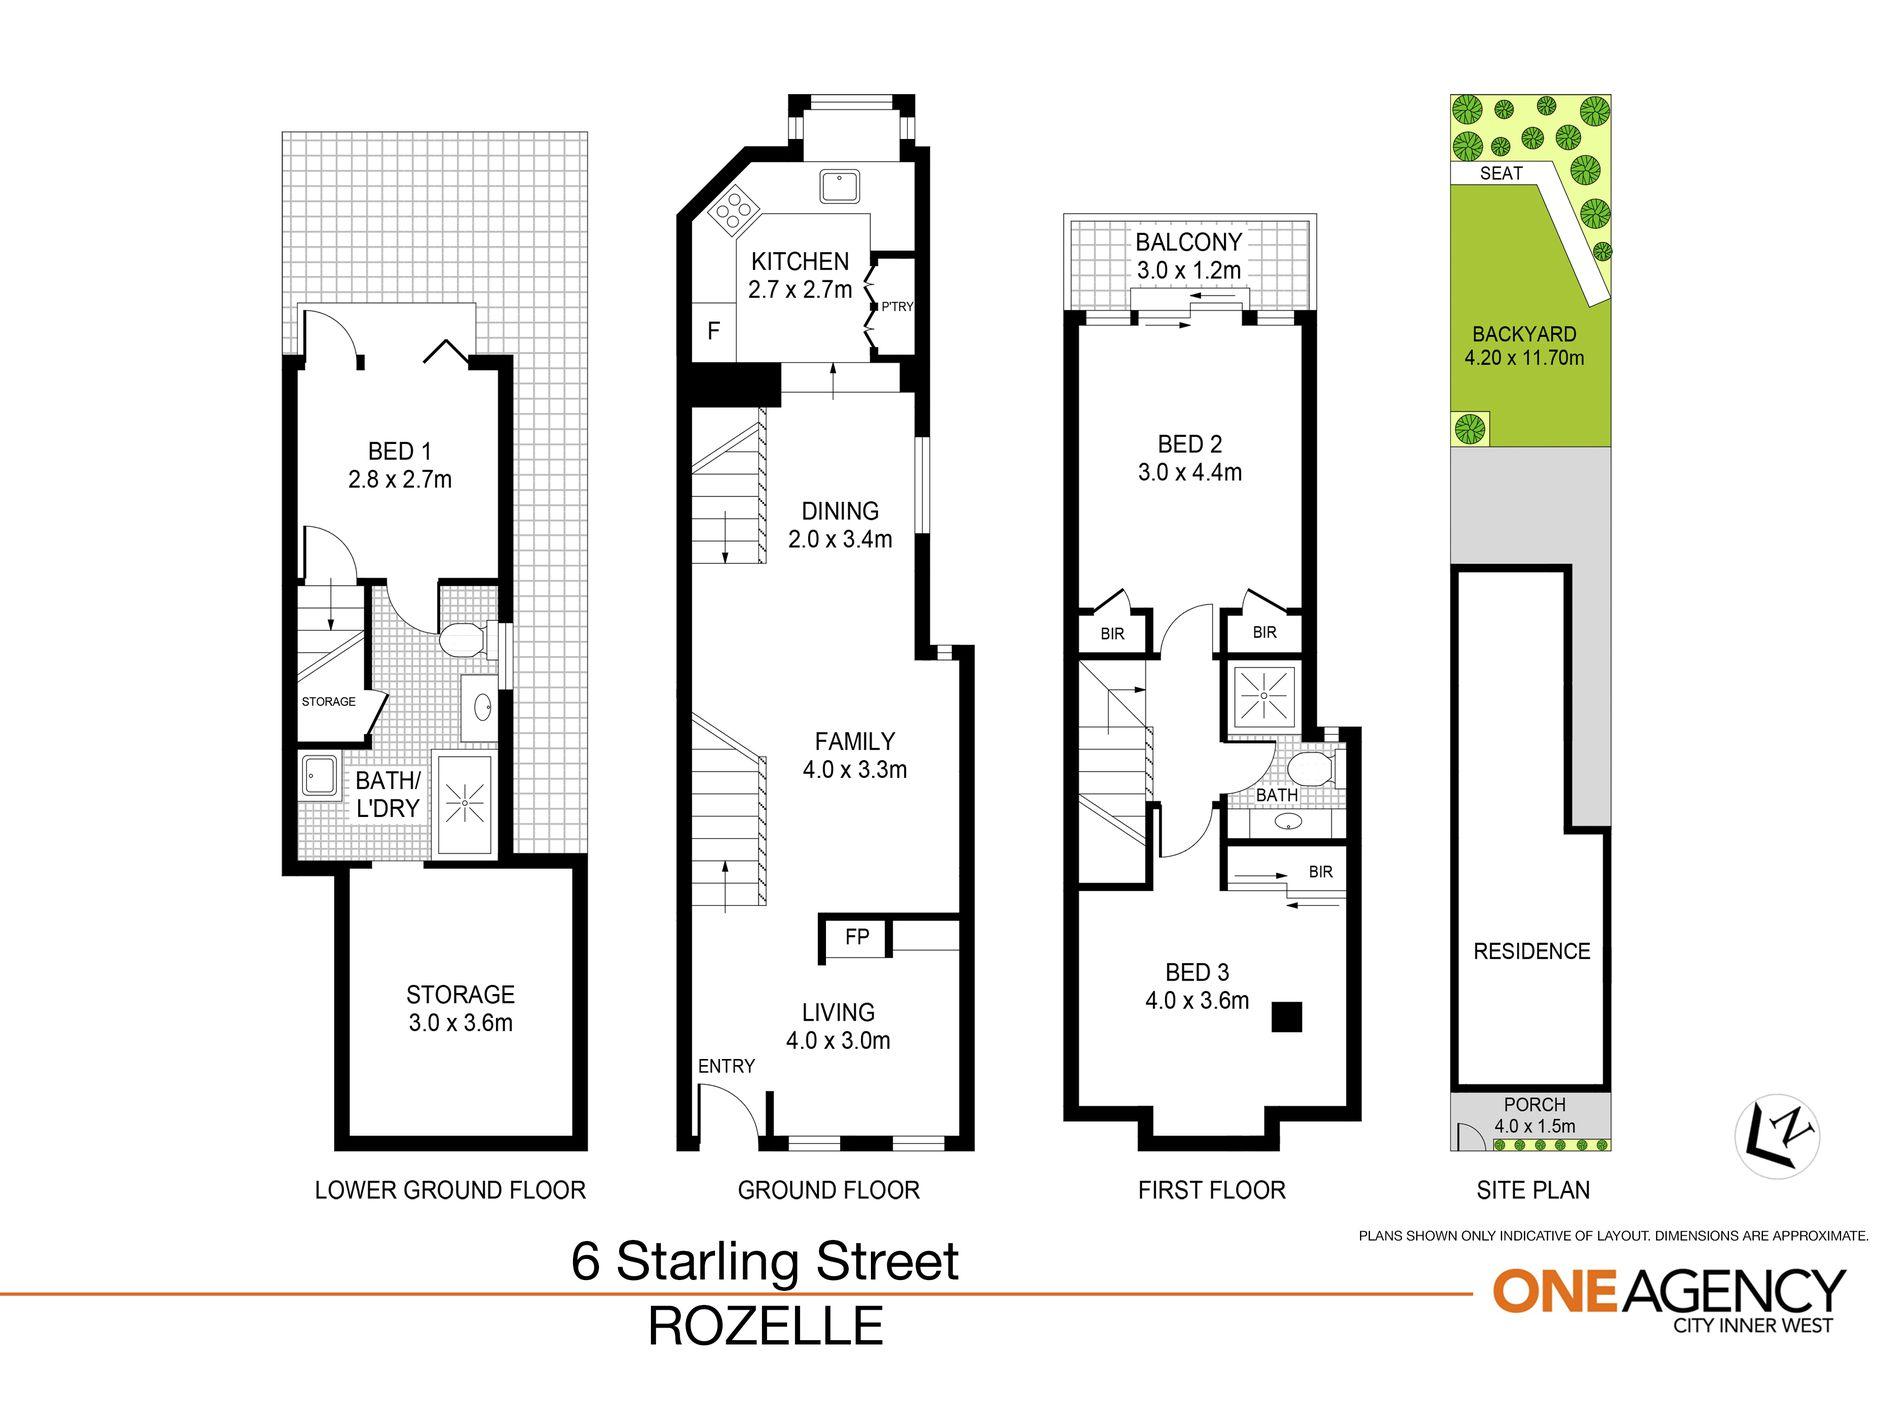 6 Starling Street, Rozelle